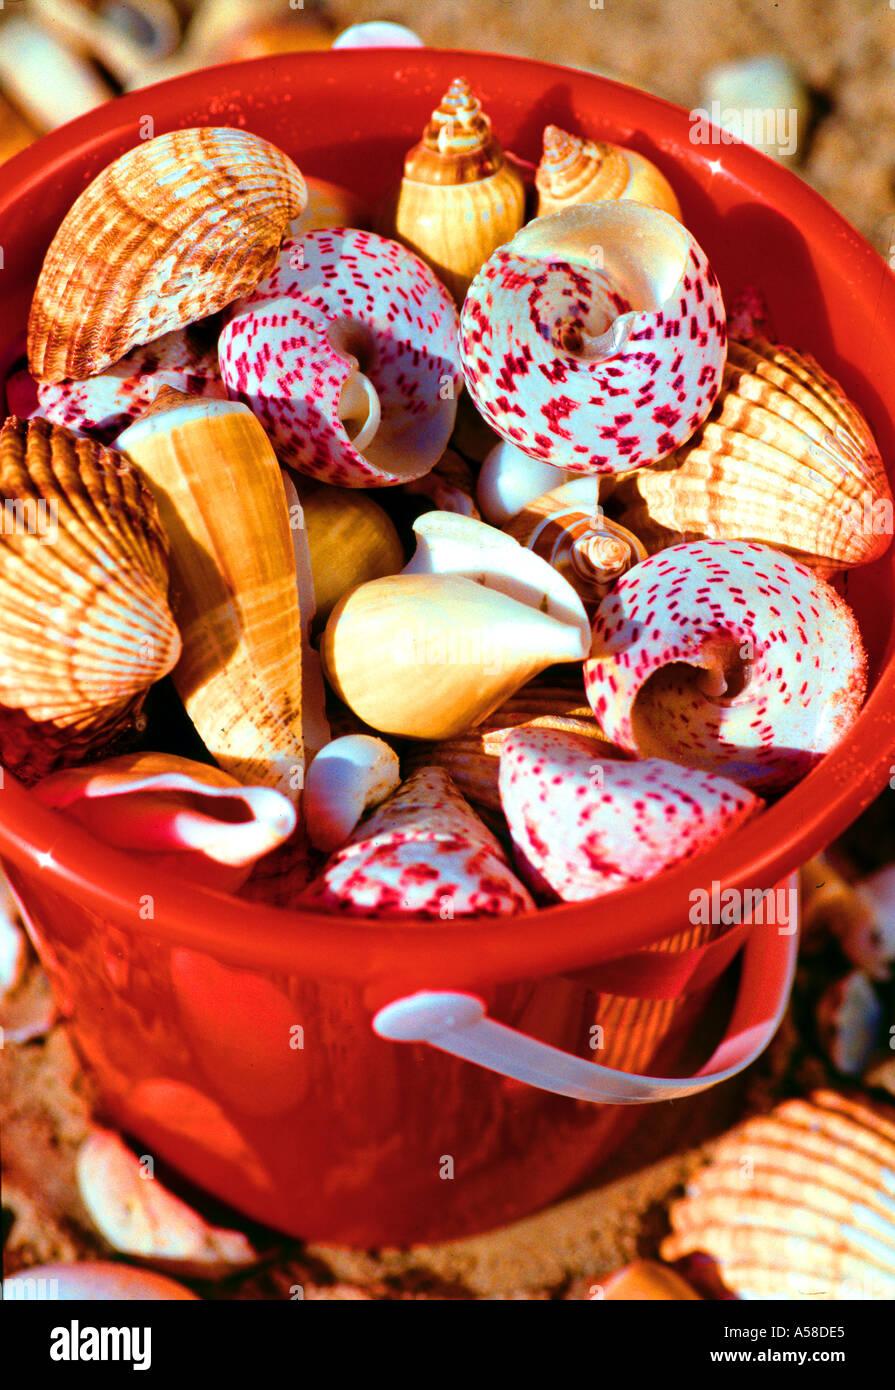 Beach, Bucket Of Shells - Stock Image